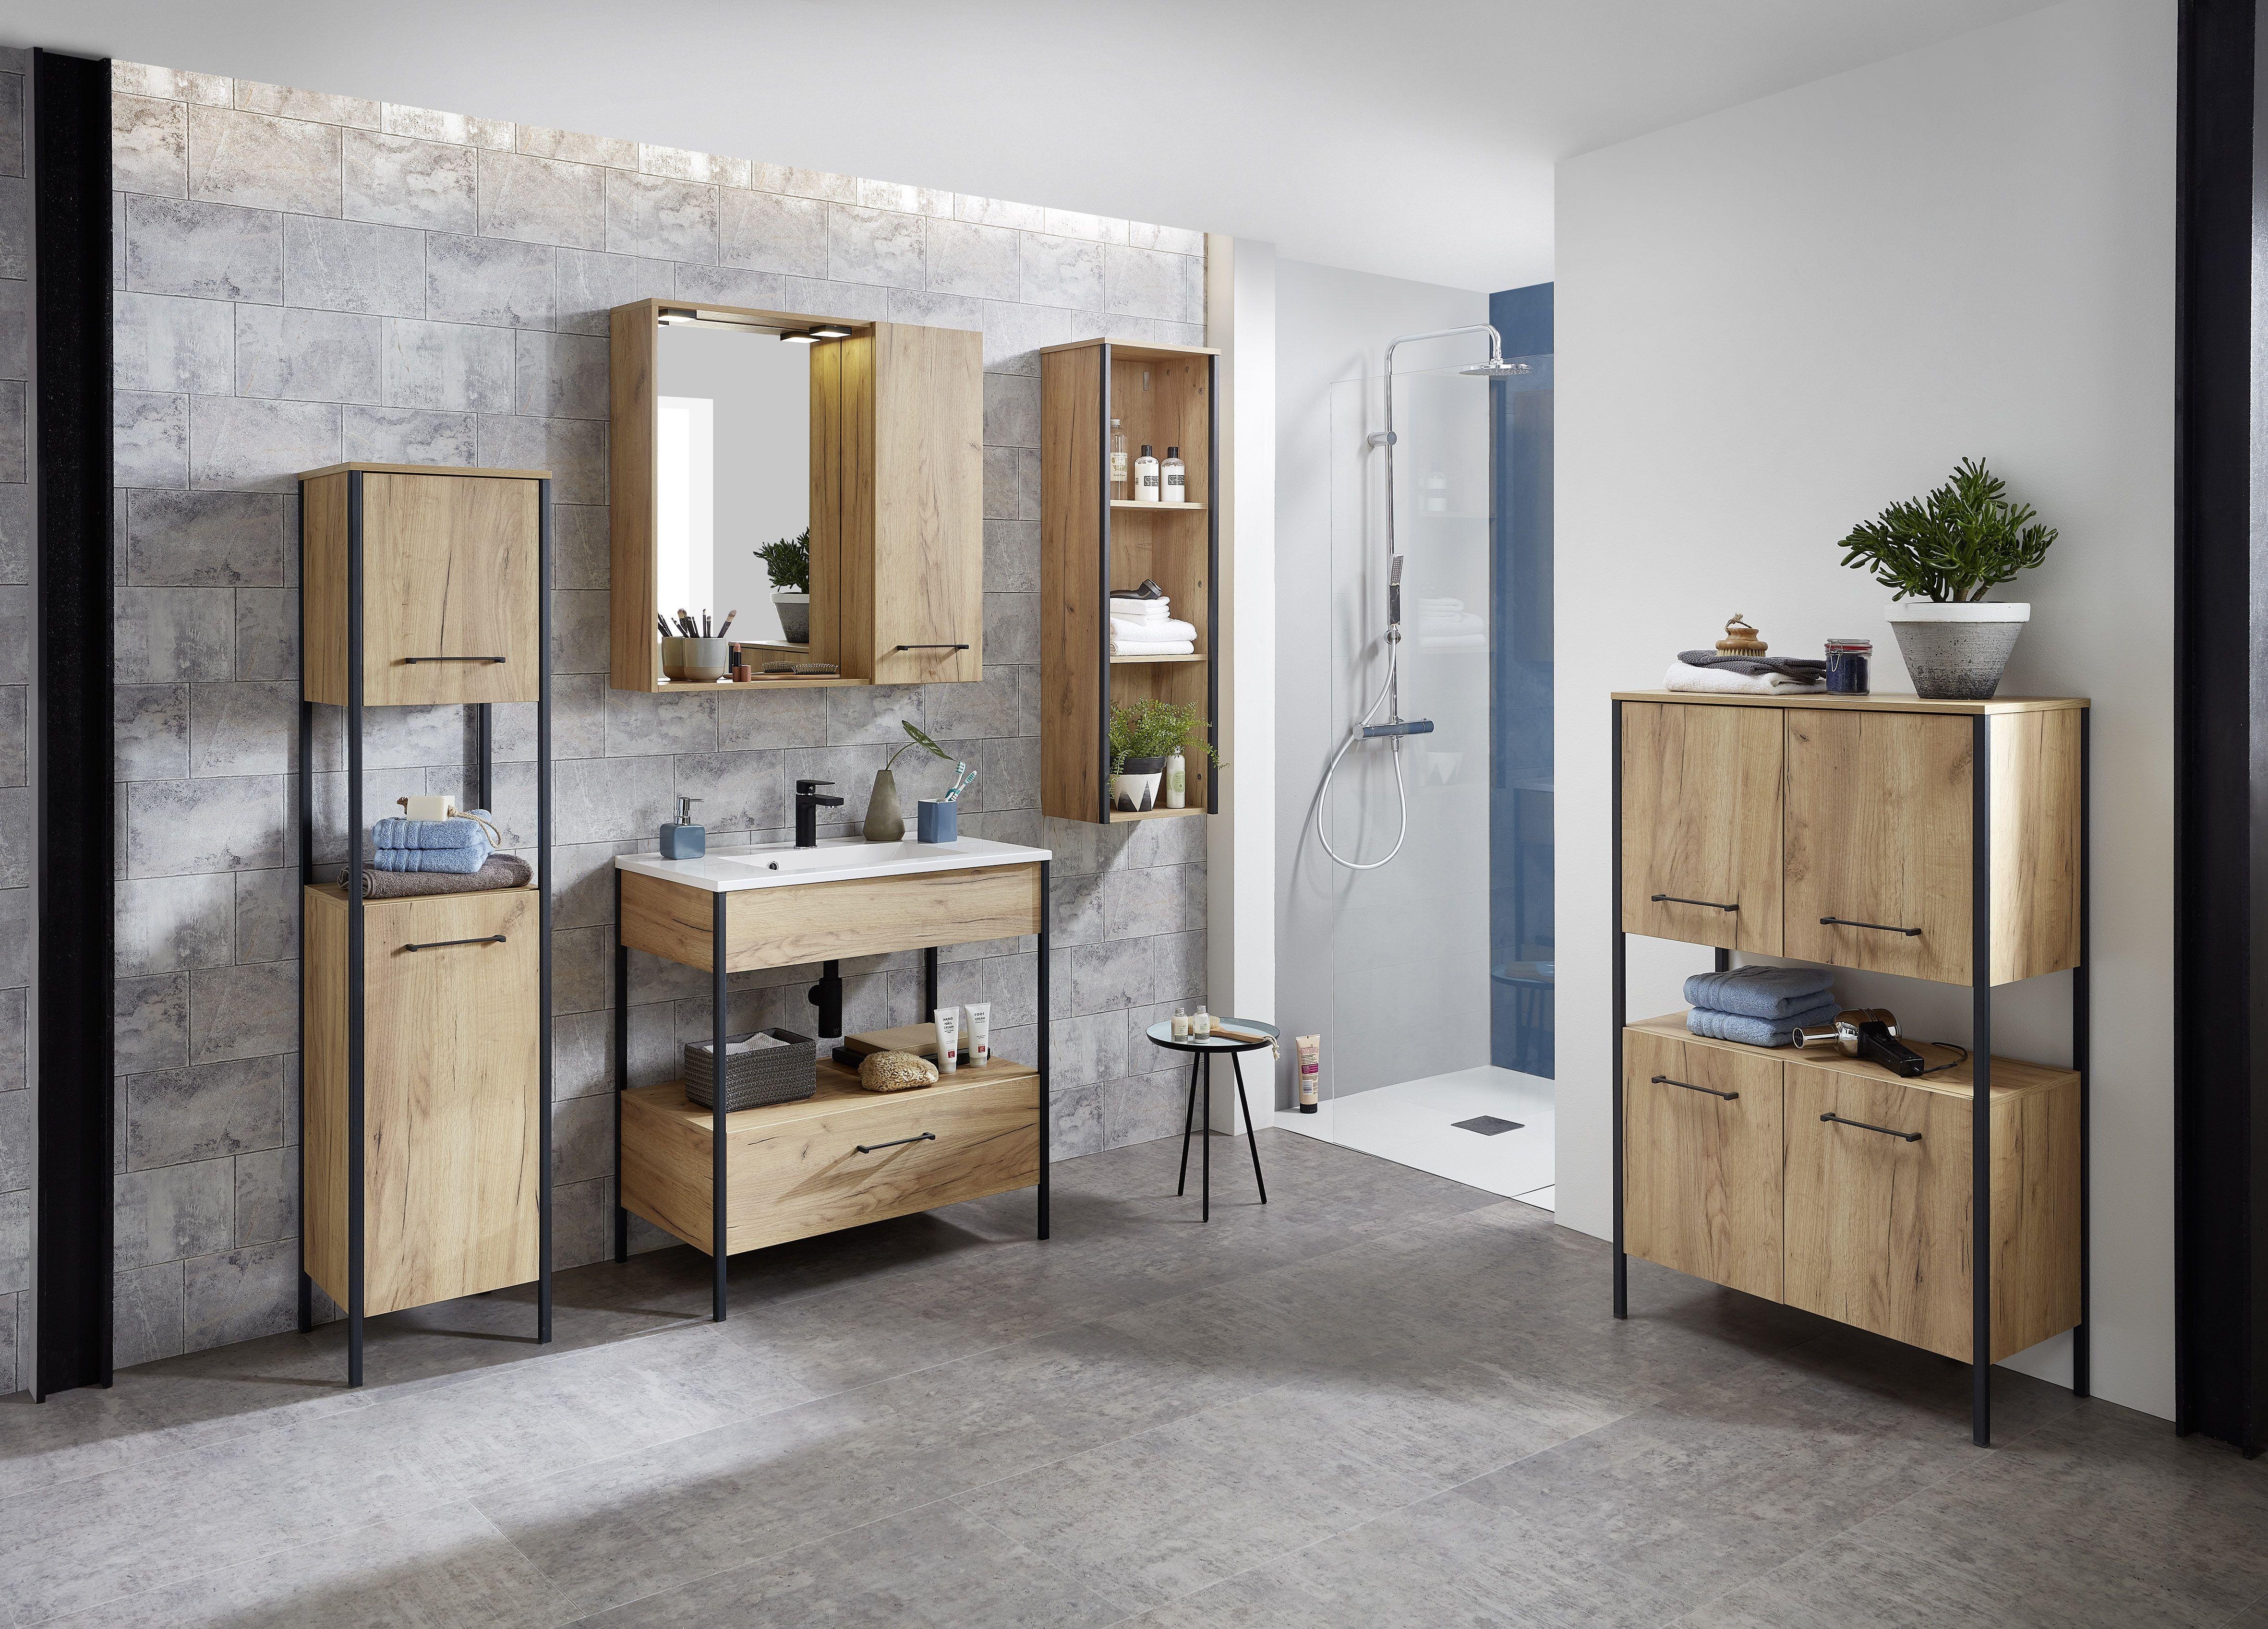 Gw Gintano Badmobel Mit Wellnessfaktor Furs Zuhause Badmobel Bad Bader Bathroom Spiegelschrank Waschtis Klassische Badmobel Loft Stil Bad Einrichten